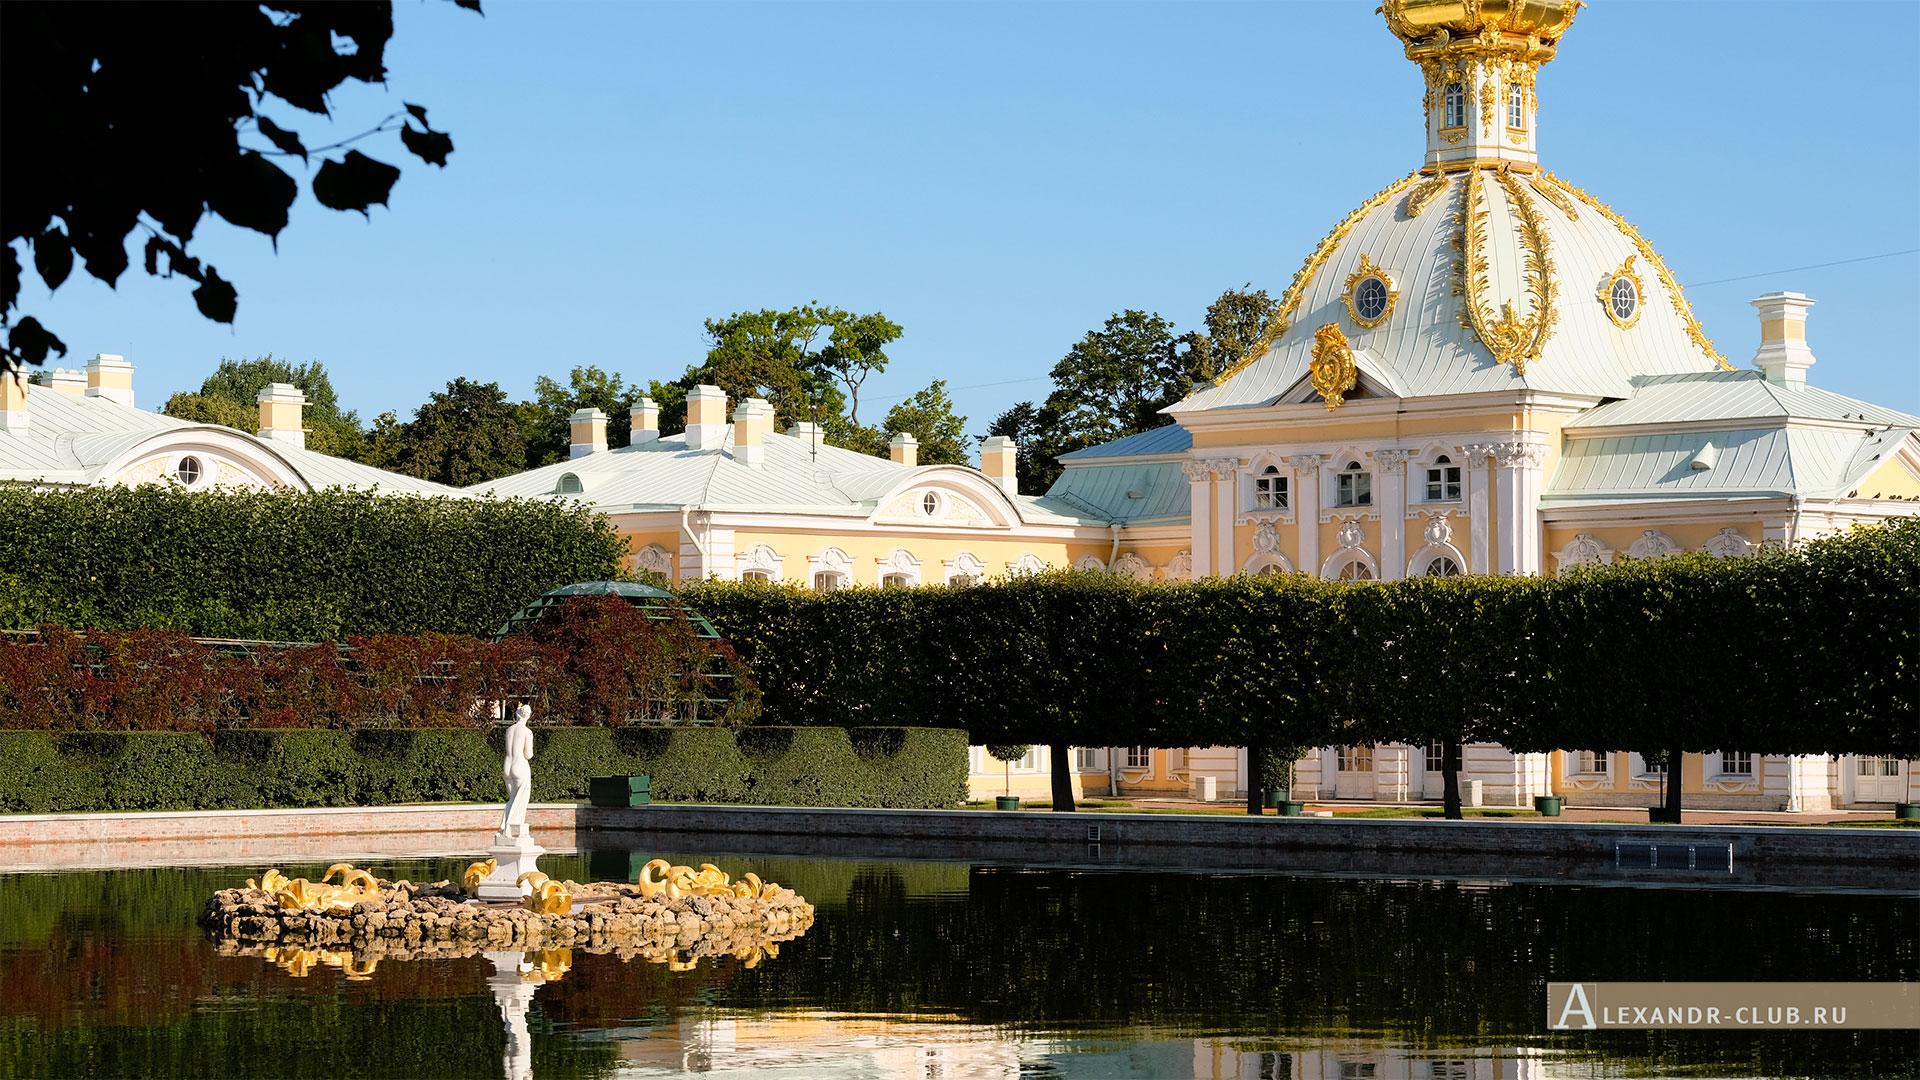 Петергоф, лето, Верхний сад, фонтан «Венера Италийская», Особая кладовая